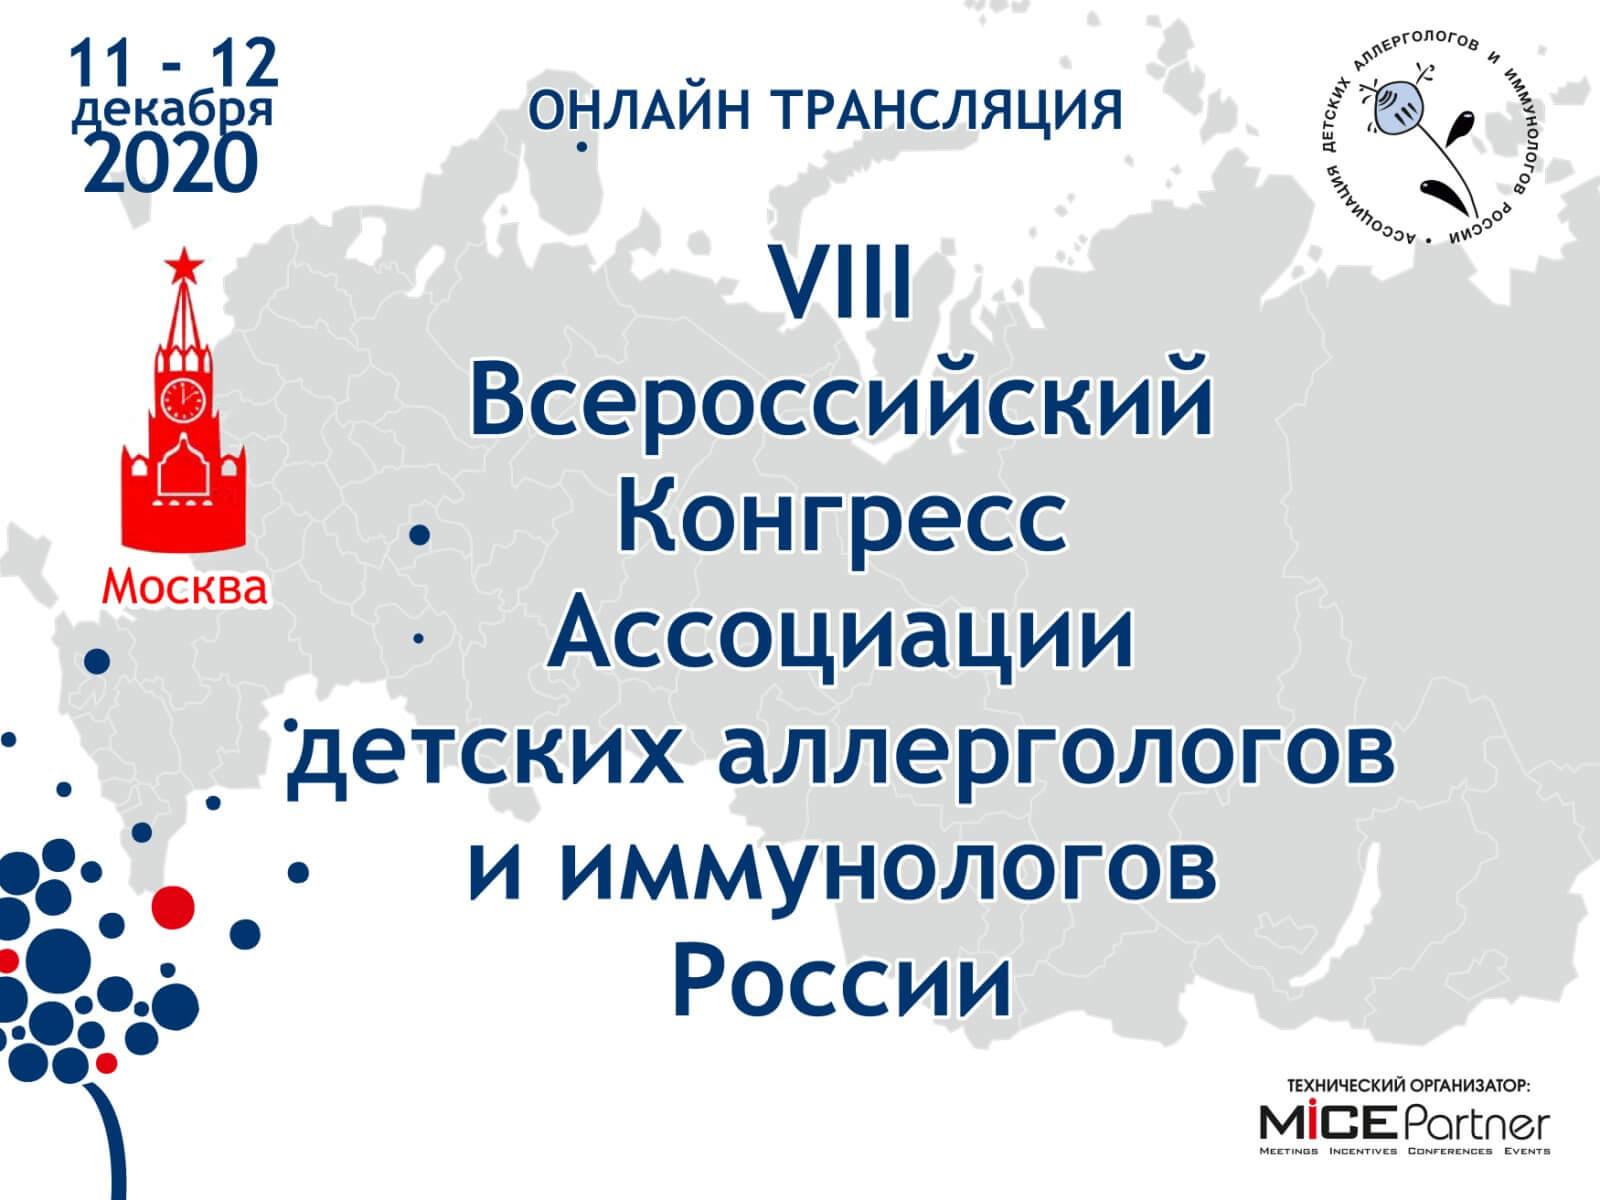 баннер АДАИР конгресса